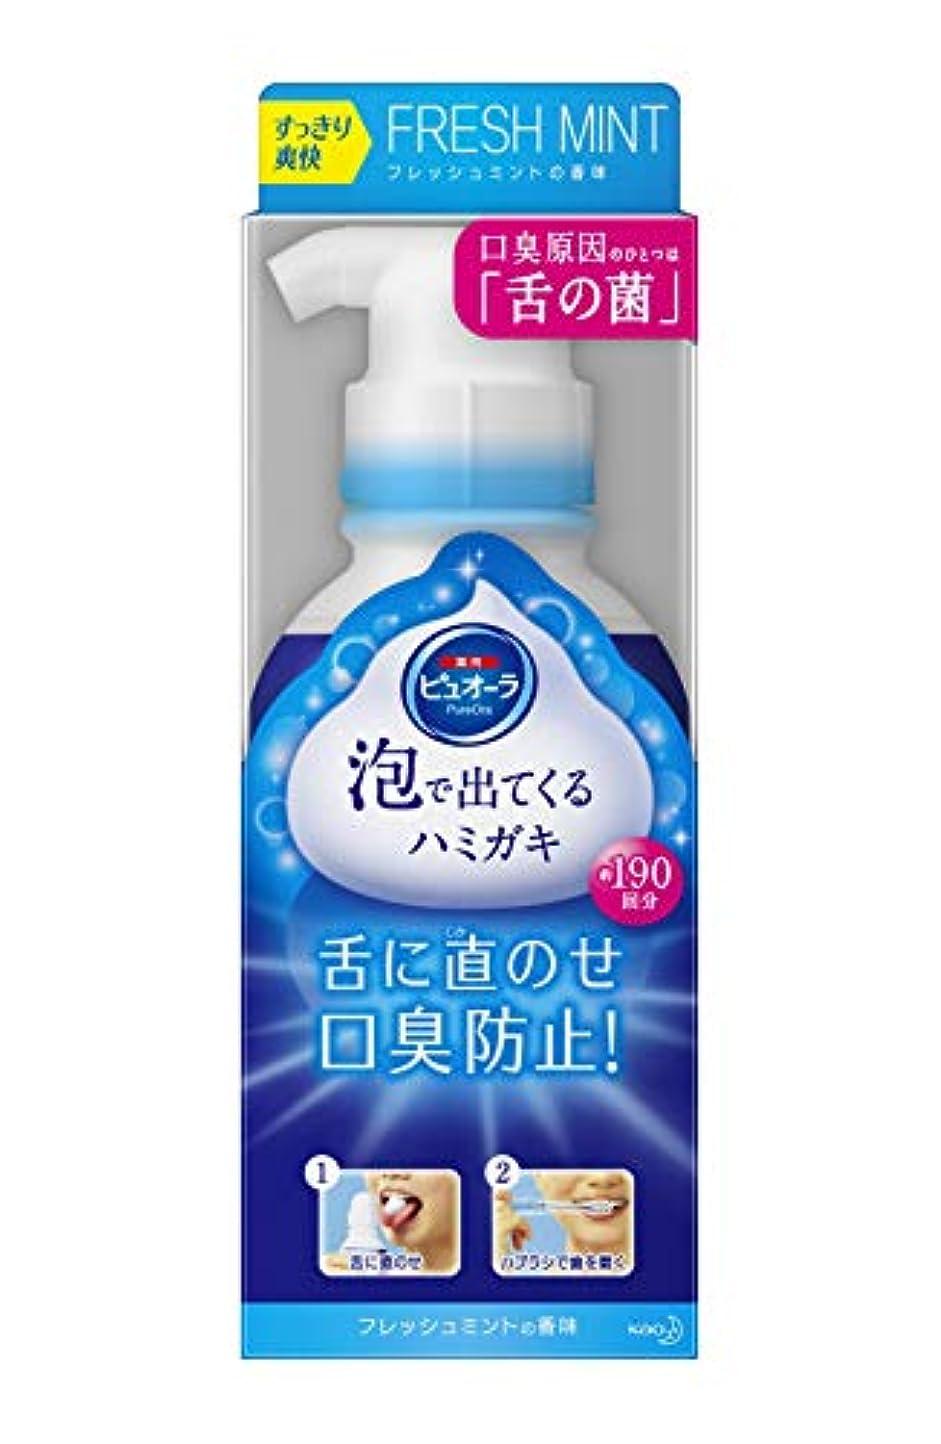 パシフィック強要懐疑的ピュオーラ 泡で出てくるハミガキ 190ml 口臭/歯周病予防 [医薬部外品] フレッシュミントの香味 単品